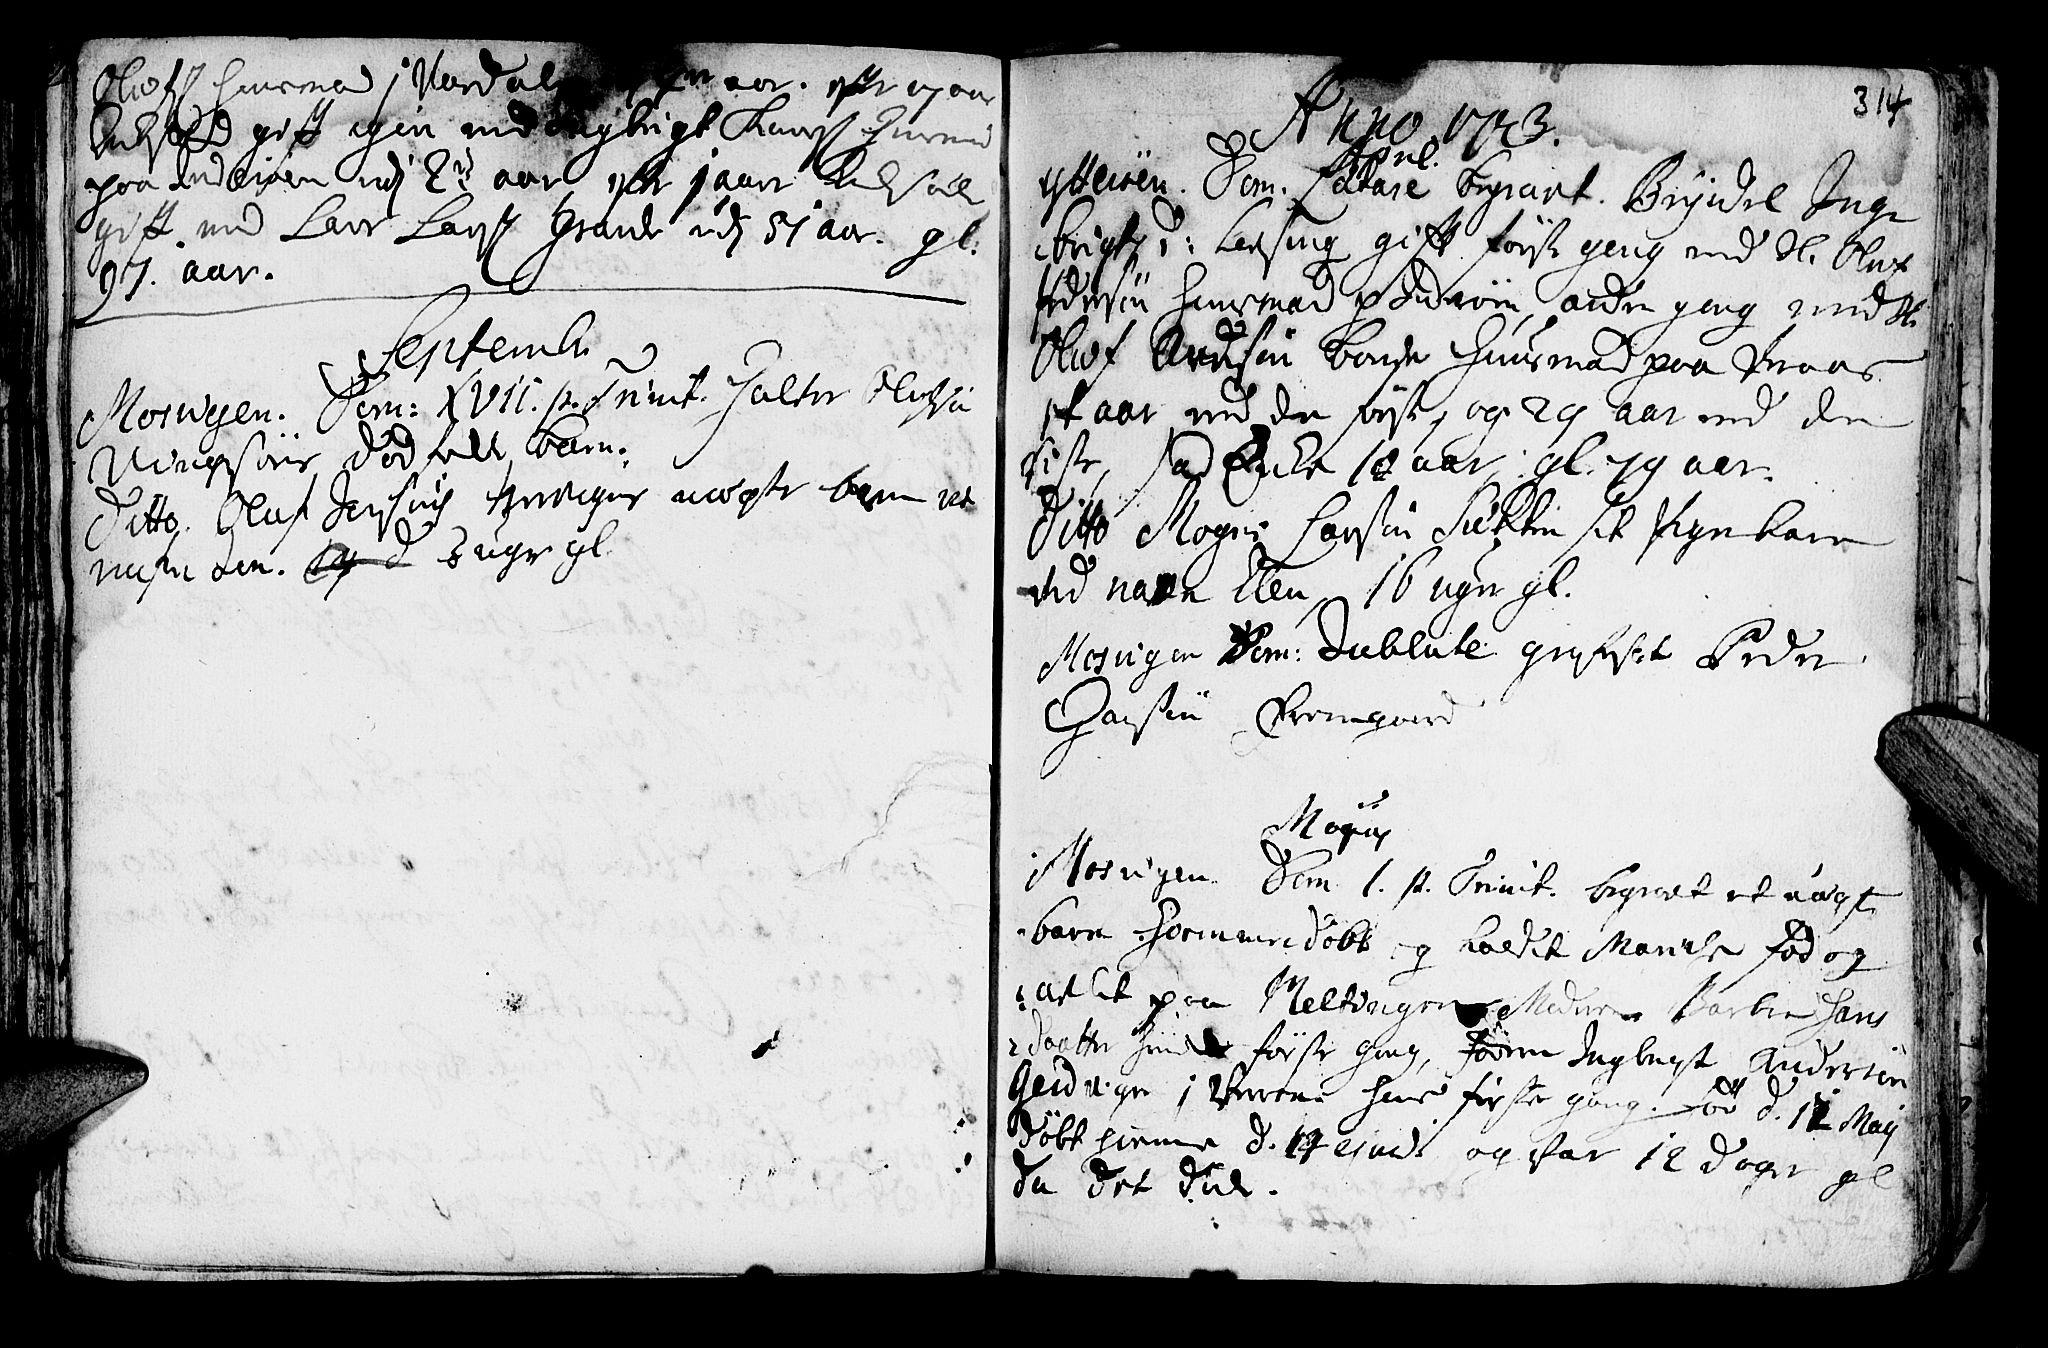 SAT, Ministerialprotokoller, klokkerbøker og fødselsregistre - Nord-Trøndelag, 722/L0215: Ministerialbok nr. 722A02, 1718-1755, s. 314